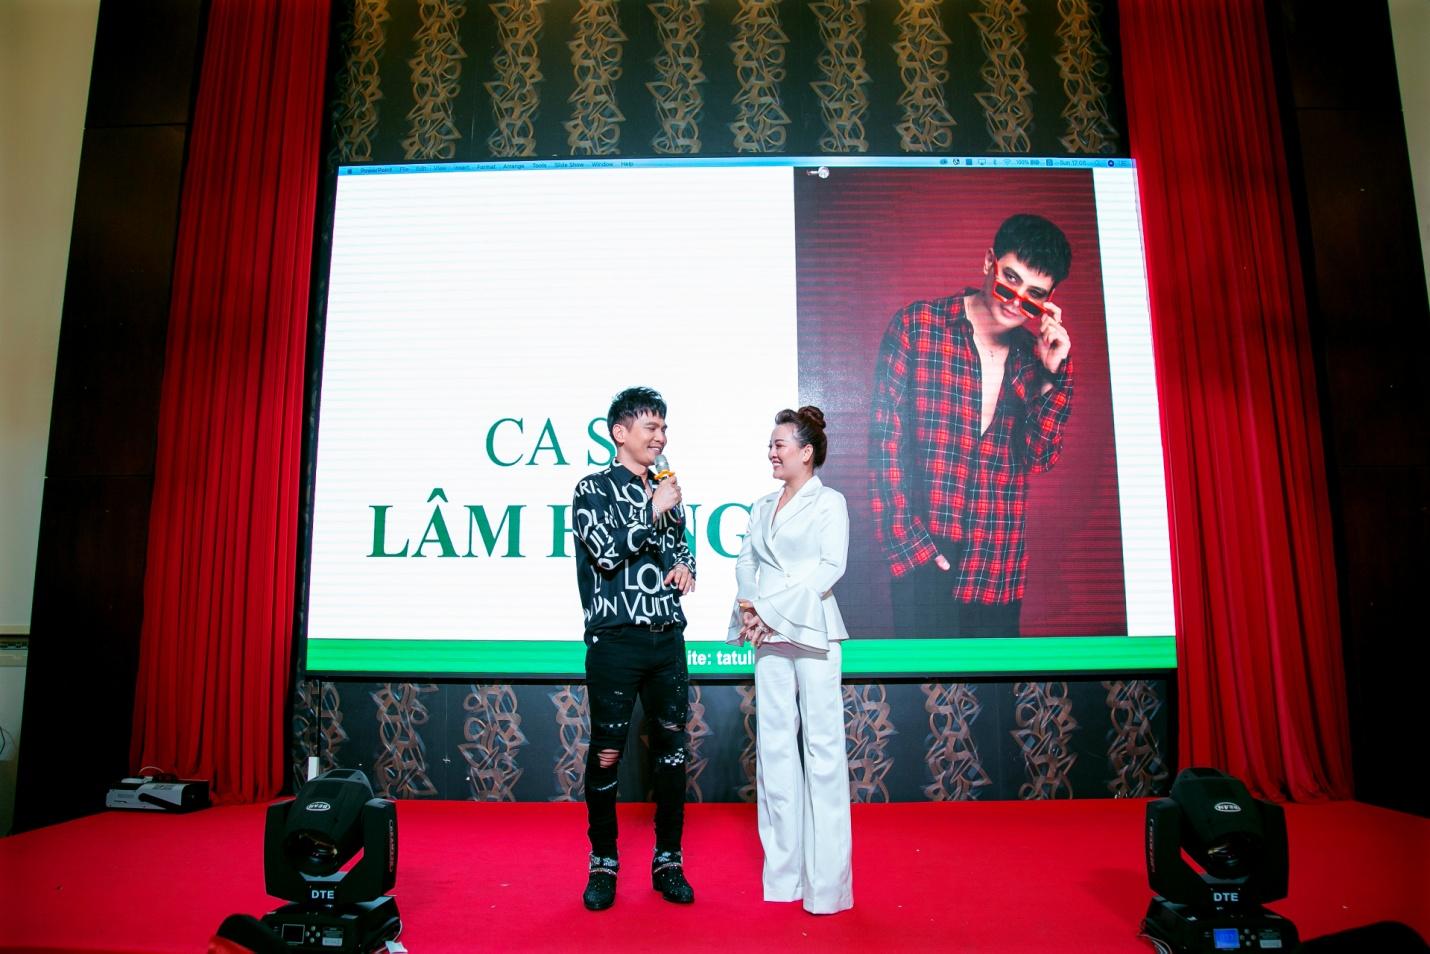 Lưu giữ nét thanh xuân – Sự kiện làm đẹp được mong chờ nhất của Tatu group tại Kiên Giang - Ảnh 3